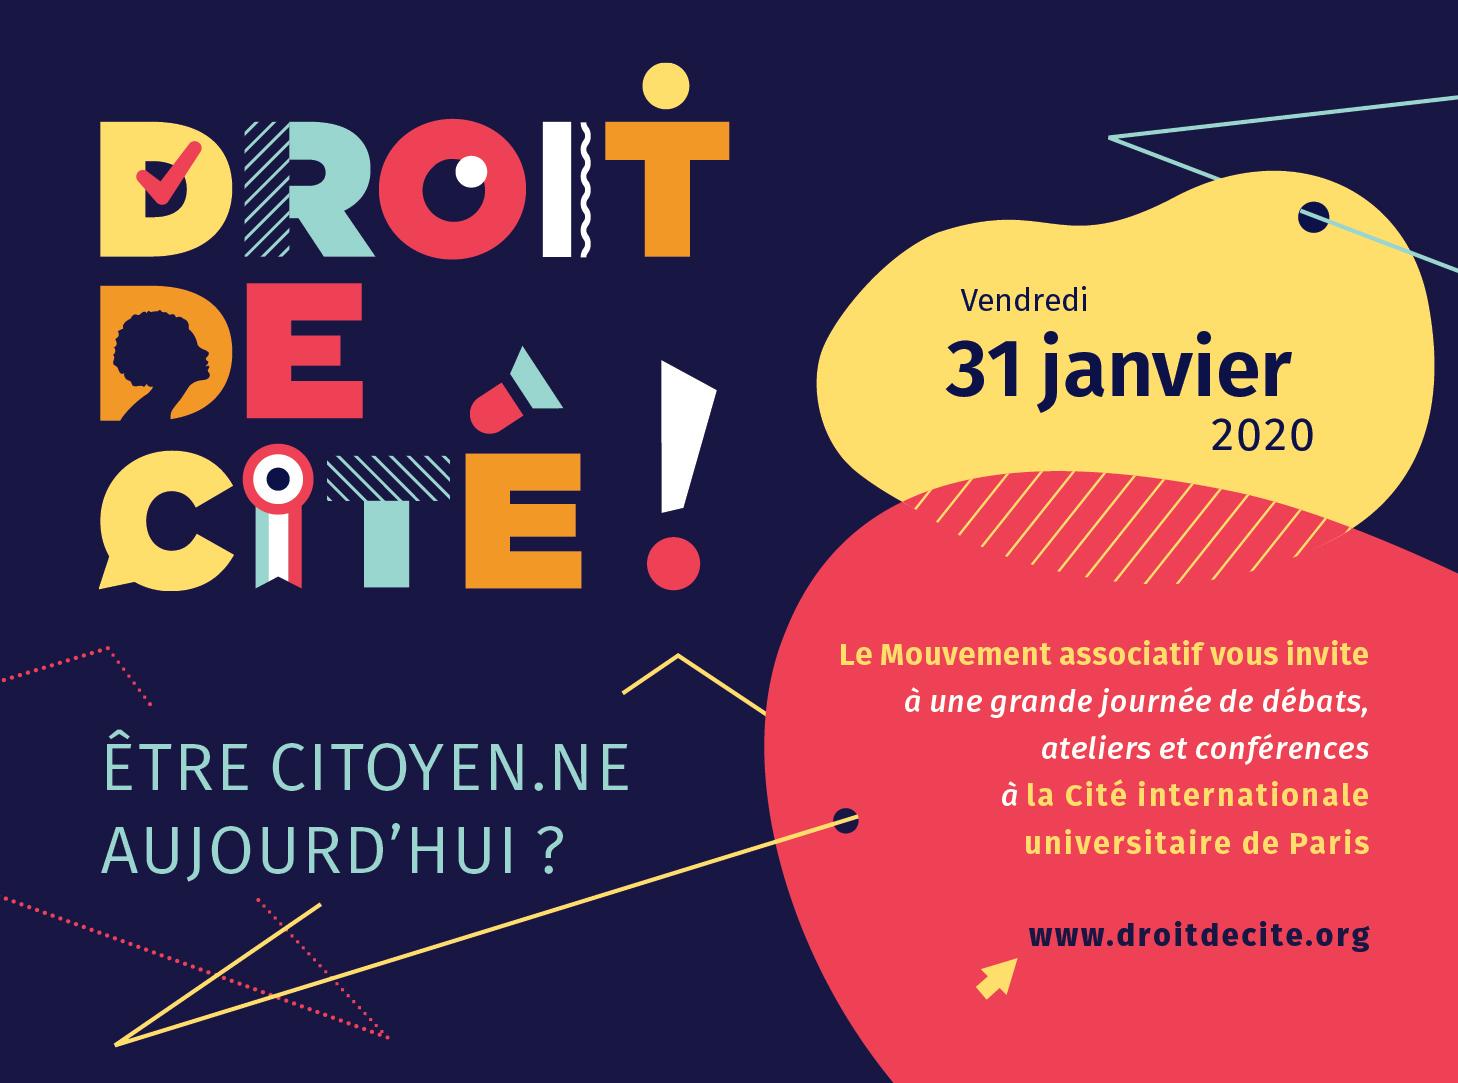 DROIT DE CITÉ !  Une grande journée pour les acteurs et partenaires de la vie associative